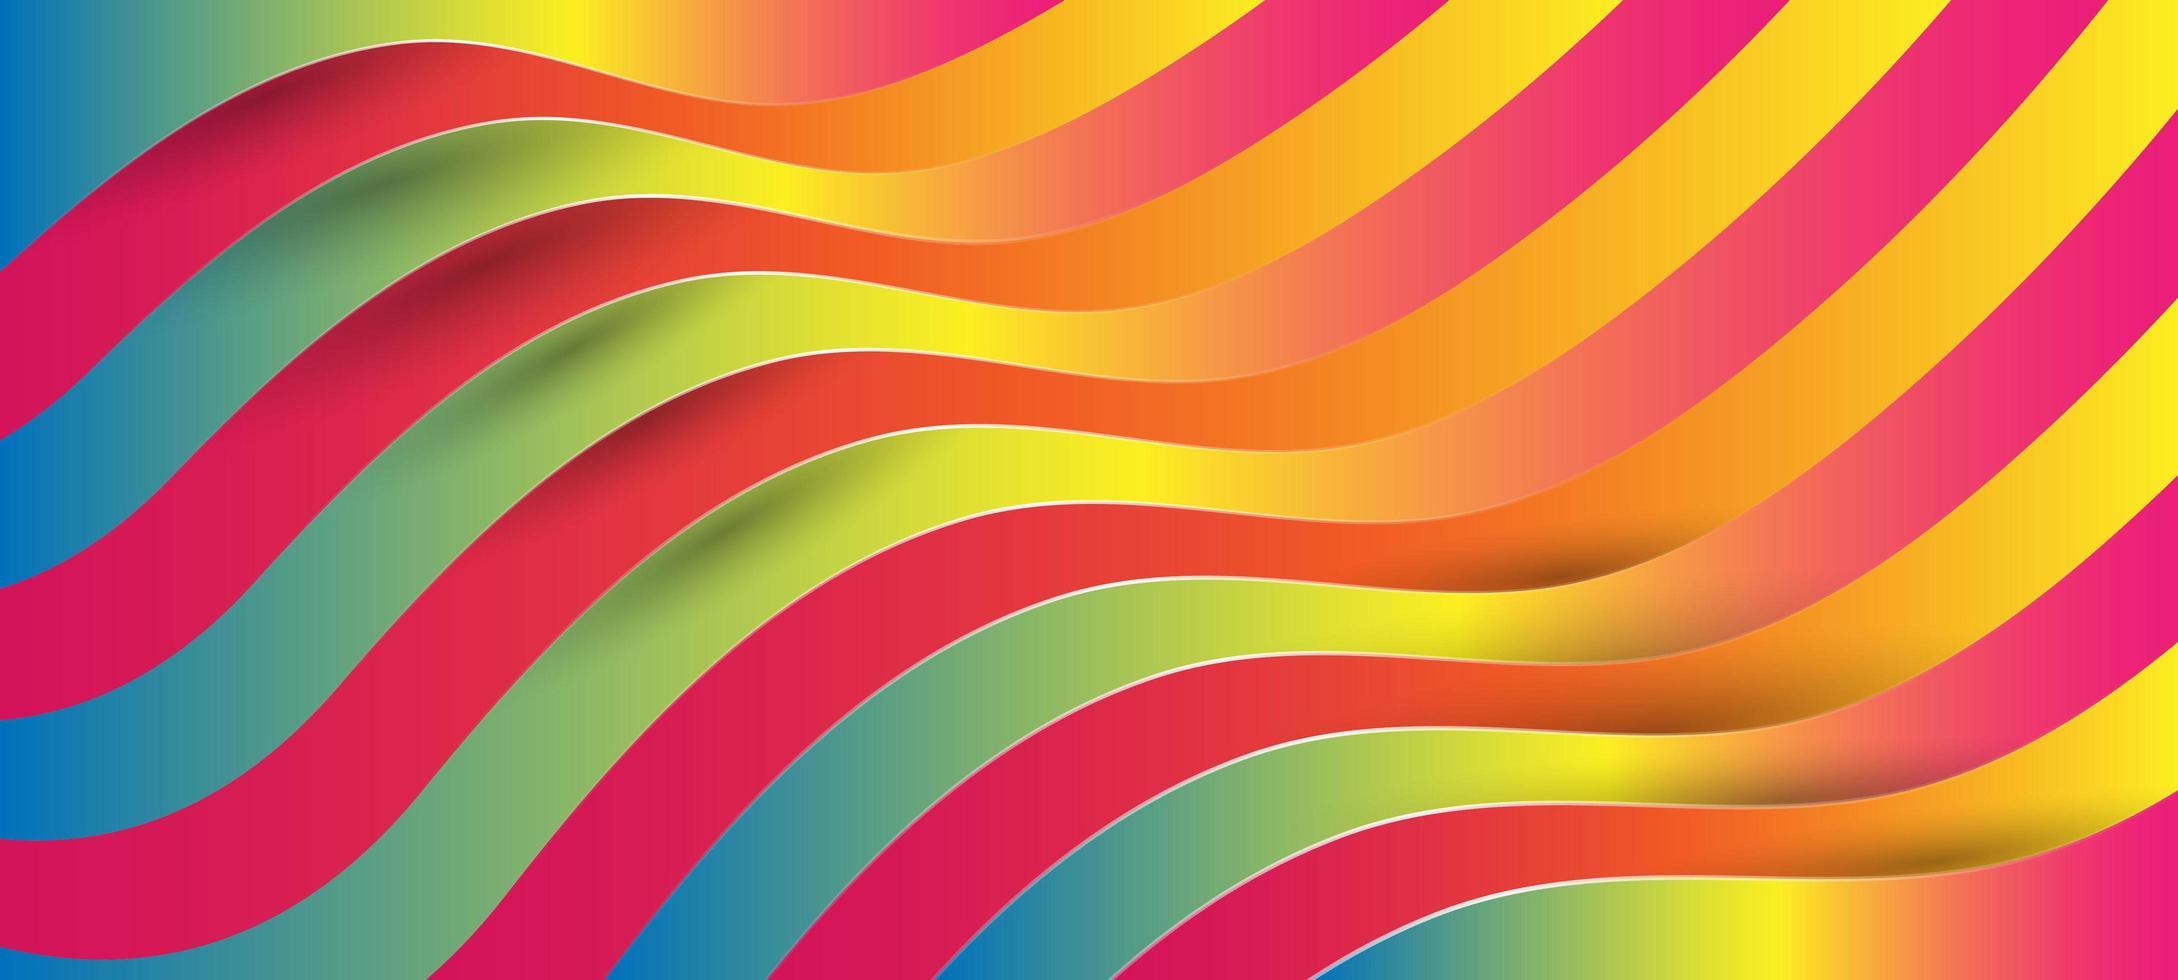 patrón ondulado colorido con contorno y sombra vector